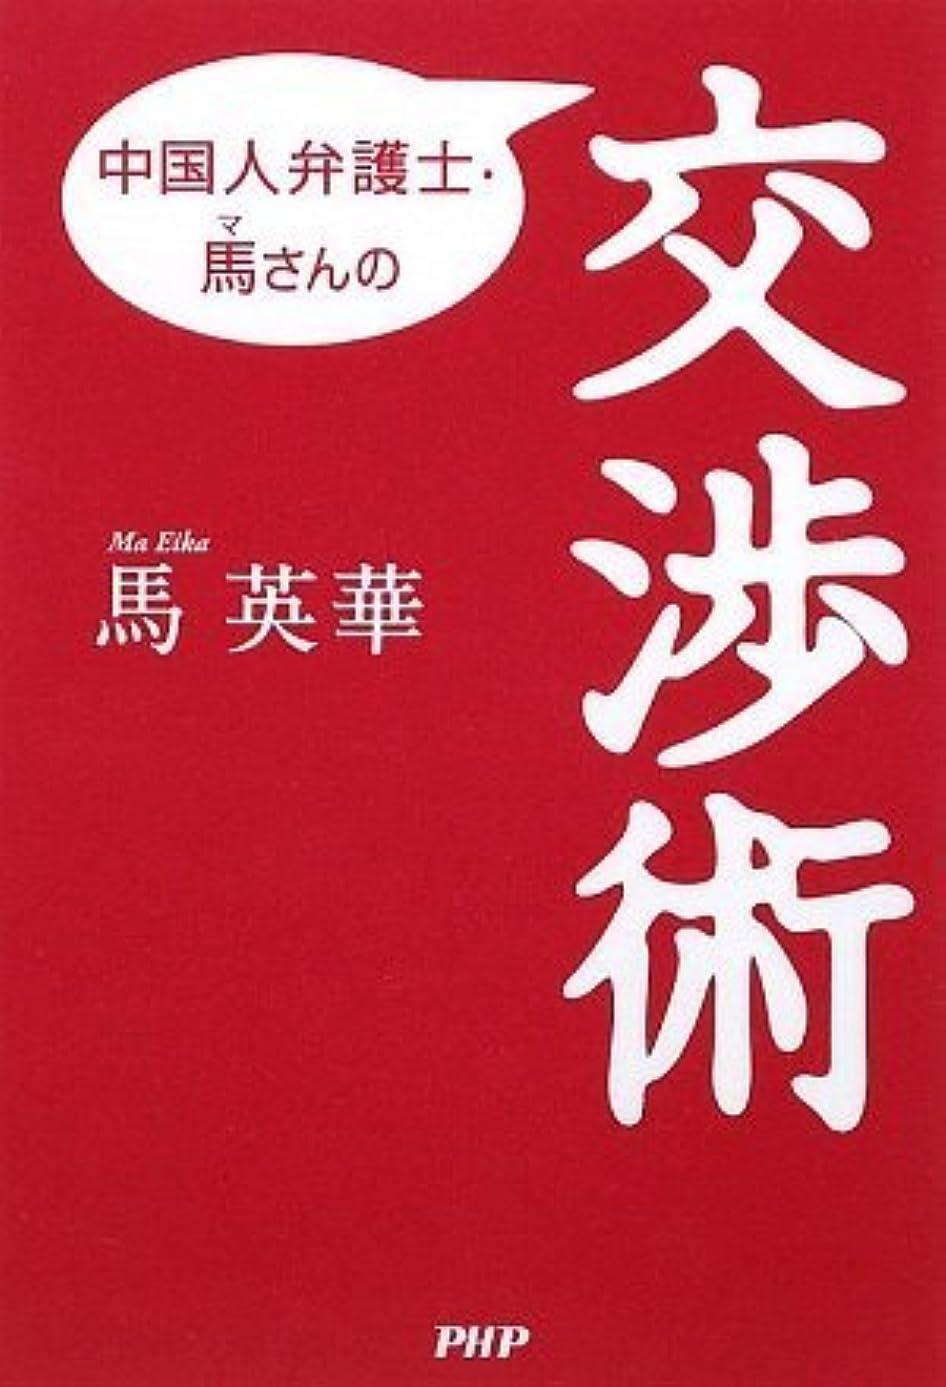 安心させる吸収視力KOYASAN Insight Guide 高野山を知る一〇八のキーワード (Insight Guide 4)